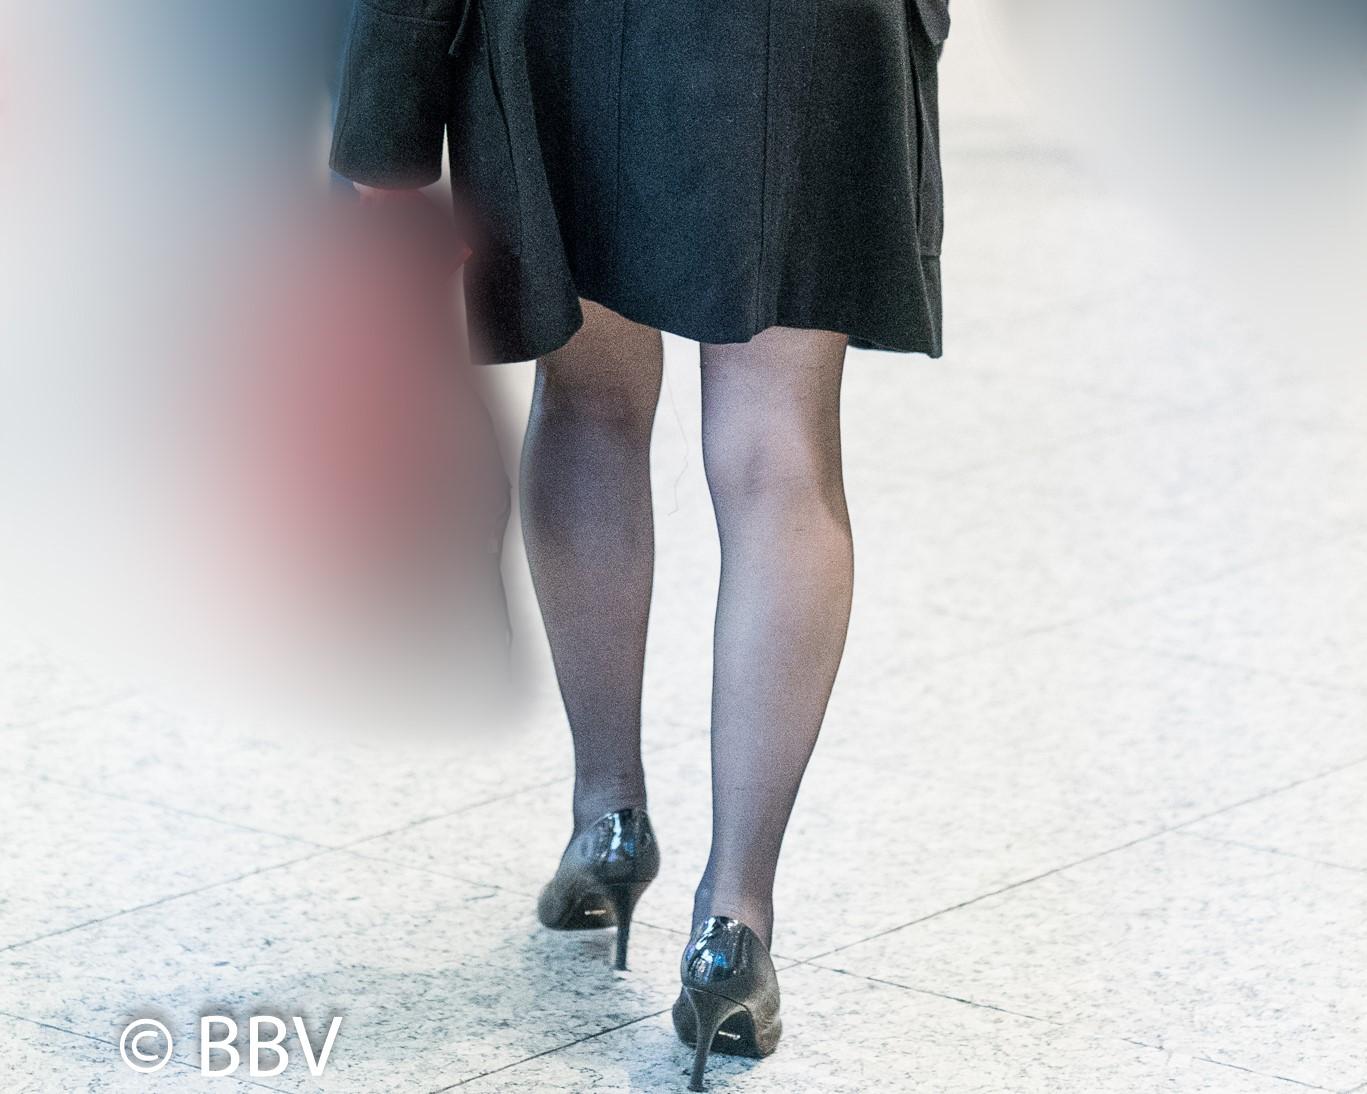 熟女の黒ストはエロい!ムッチリ美脚の色気がたまりません!